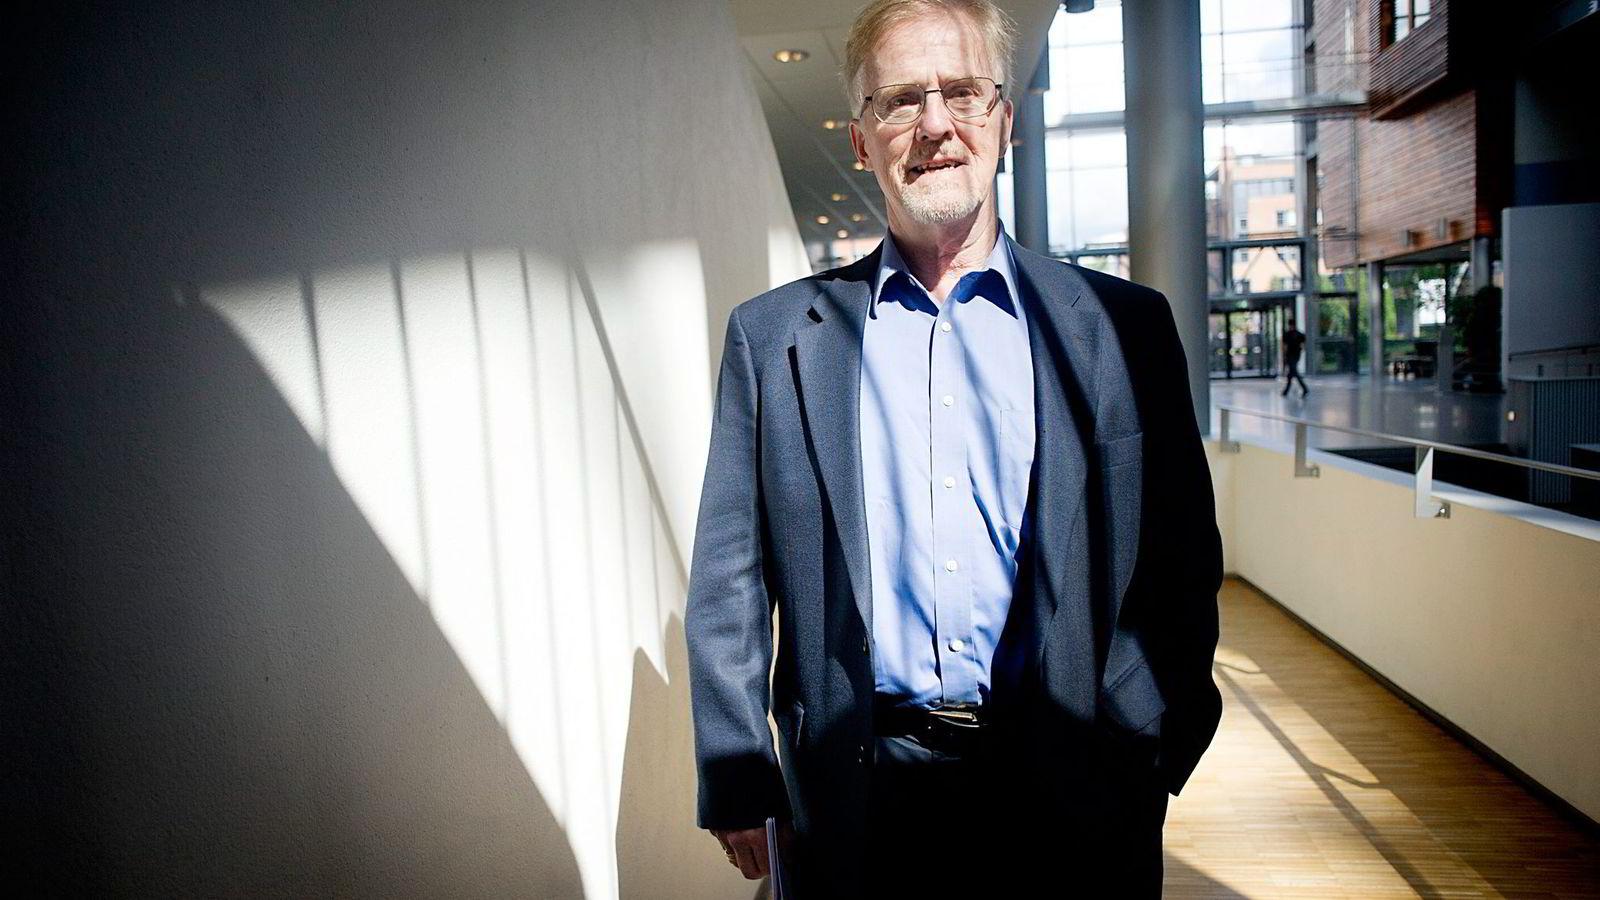 Professor Gudmund Hernes, tidligere utdanningsminister, mener saken bør etterforskes av et uavhengig organ.